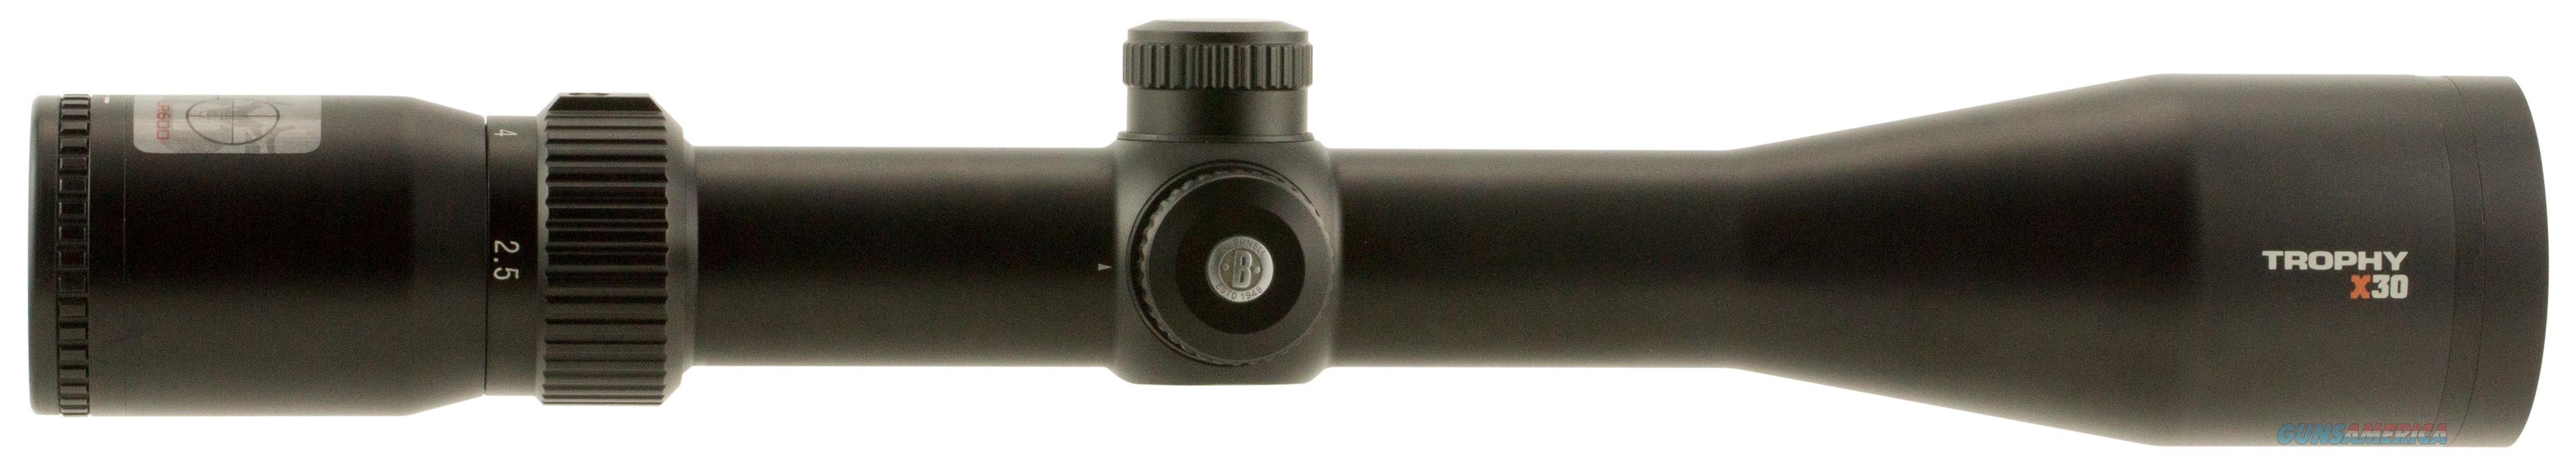 Bushnell 752104B Trophy 2.5-10X 44Mm Obj 45-140 Ft @ 100 Yds Fov 30Mm Tube Dia Black Matte Doa Lr600 752104B  Non-Guns > Scopes/Mounts/Rings & Optics > Rifle Scopes > Variable Focal Length